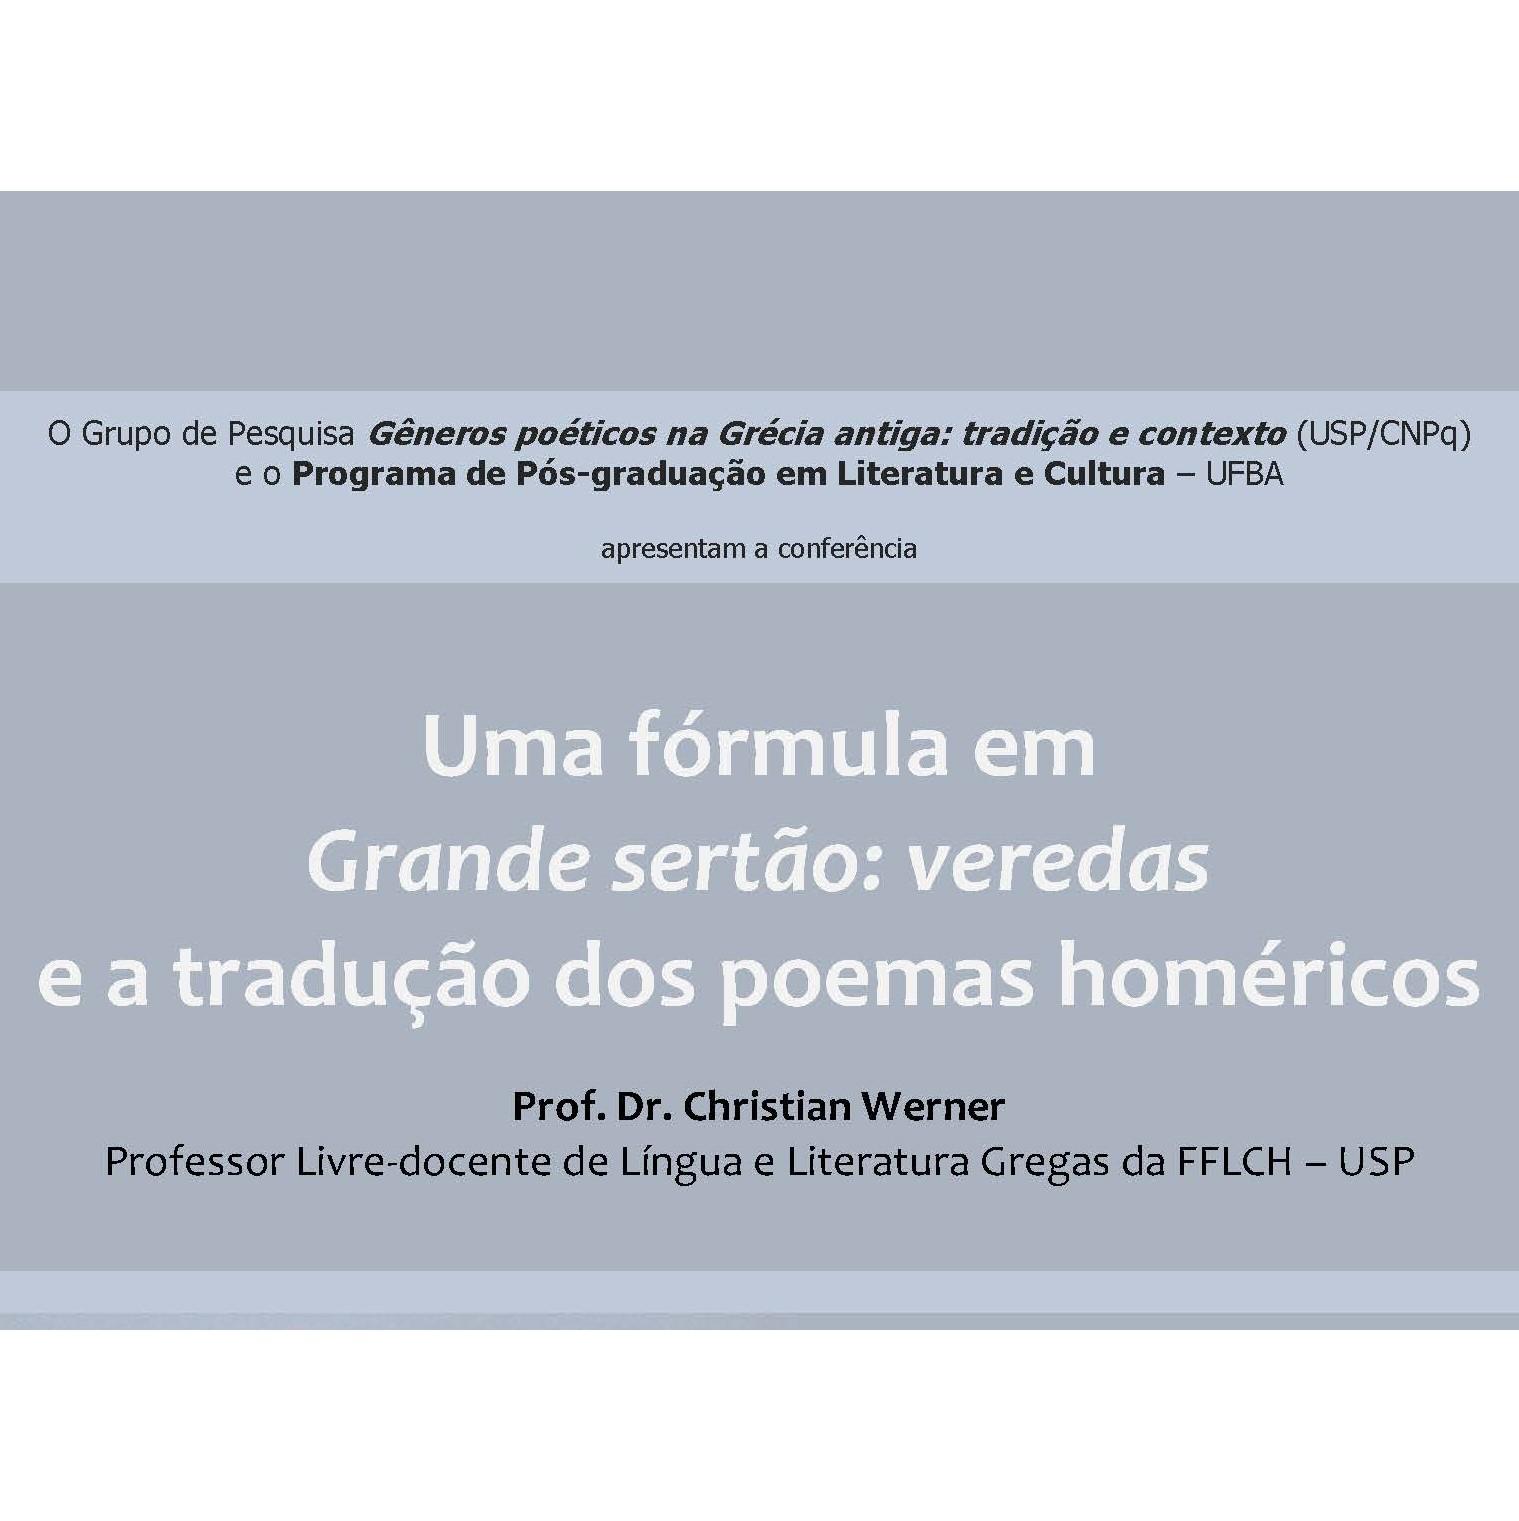 Grupos de Pesquisa do ILUFBA e da USP apresentam conferência com Prof. Dr. Christian Werner